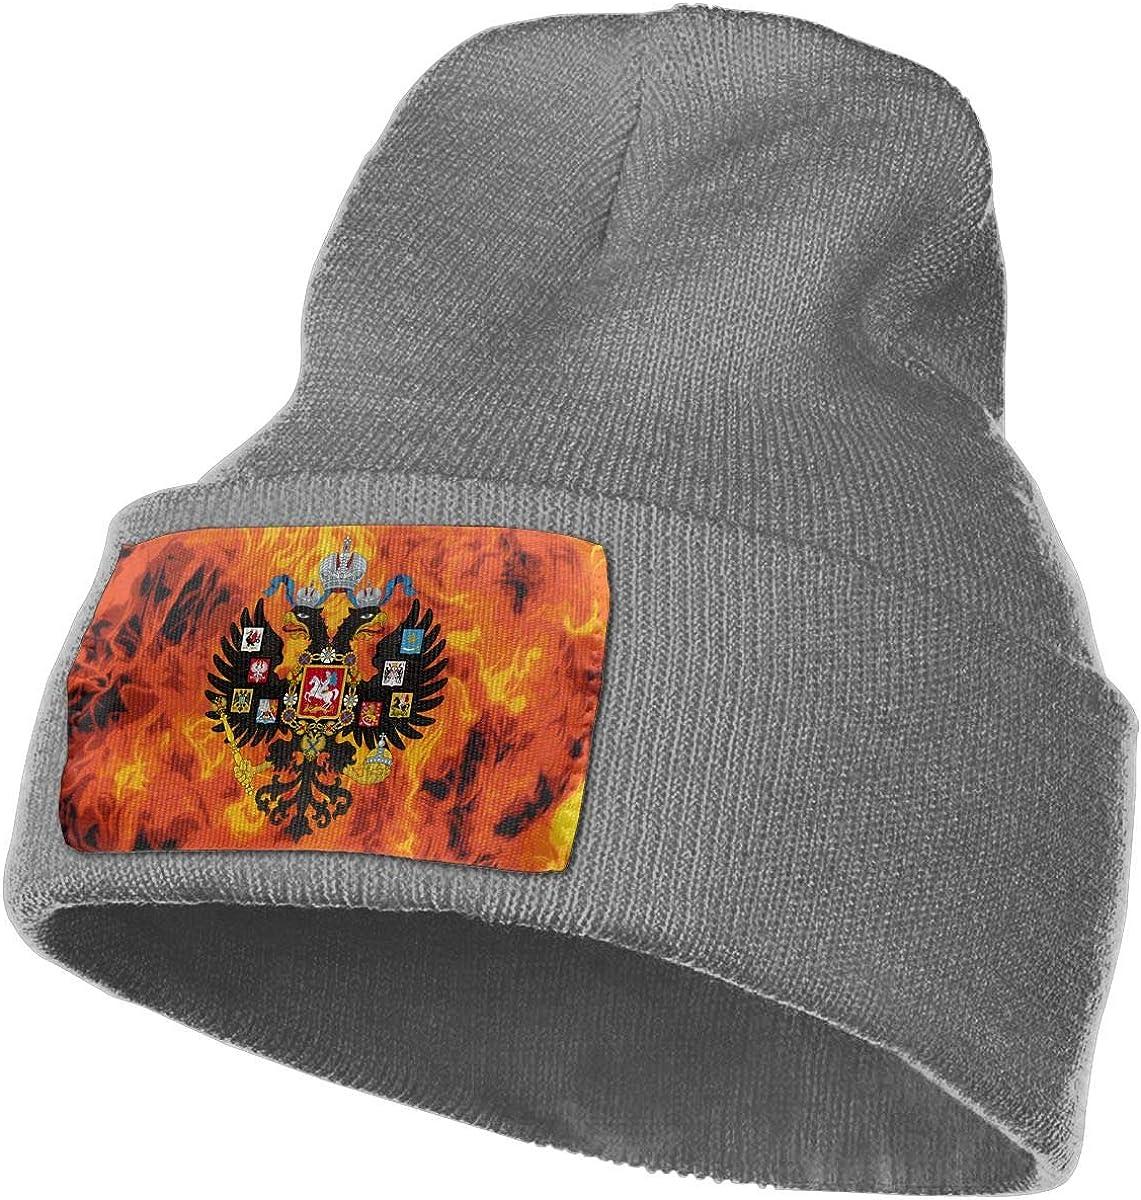 Russian Empire Men/&Women Warm Winter Knit Plain Beanie Hat Skull Cap Acrylic Knit Cuff Hat